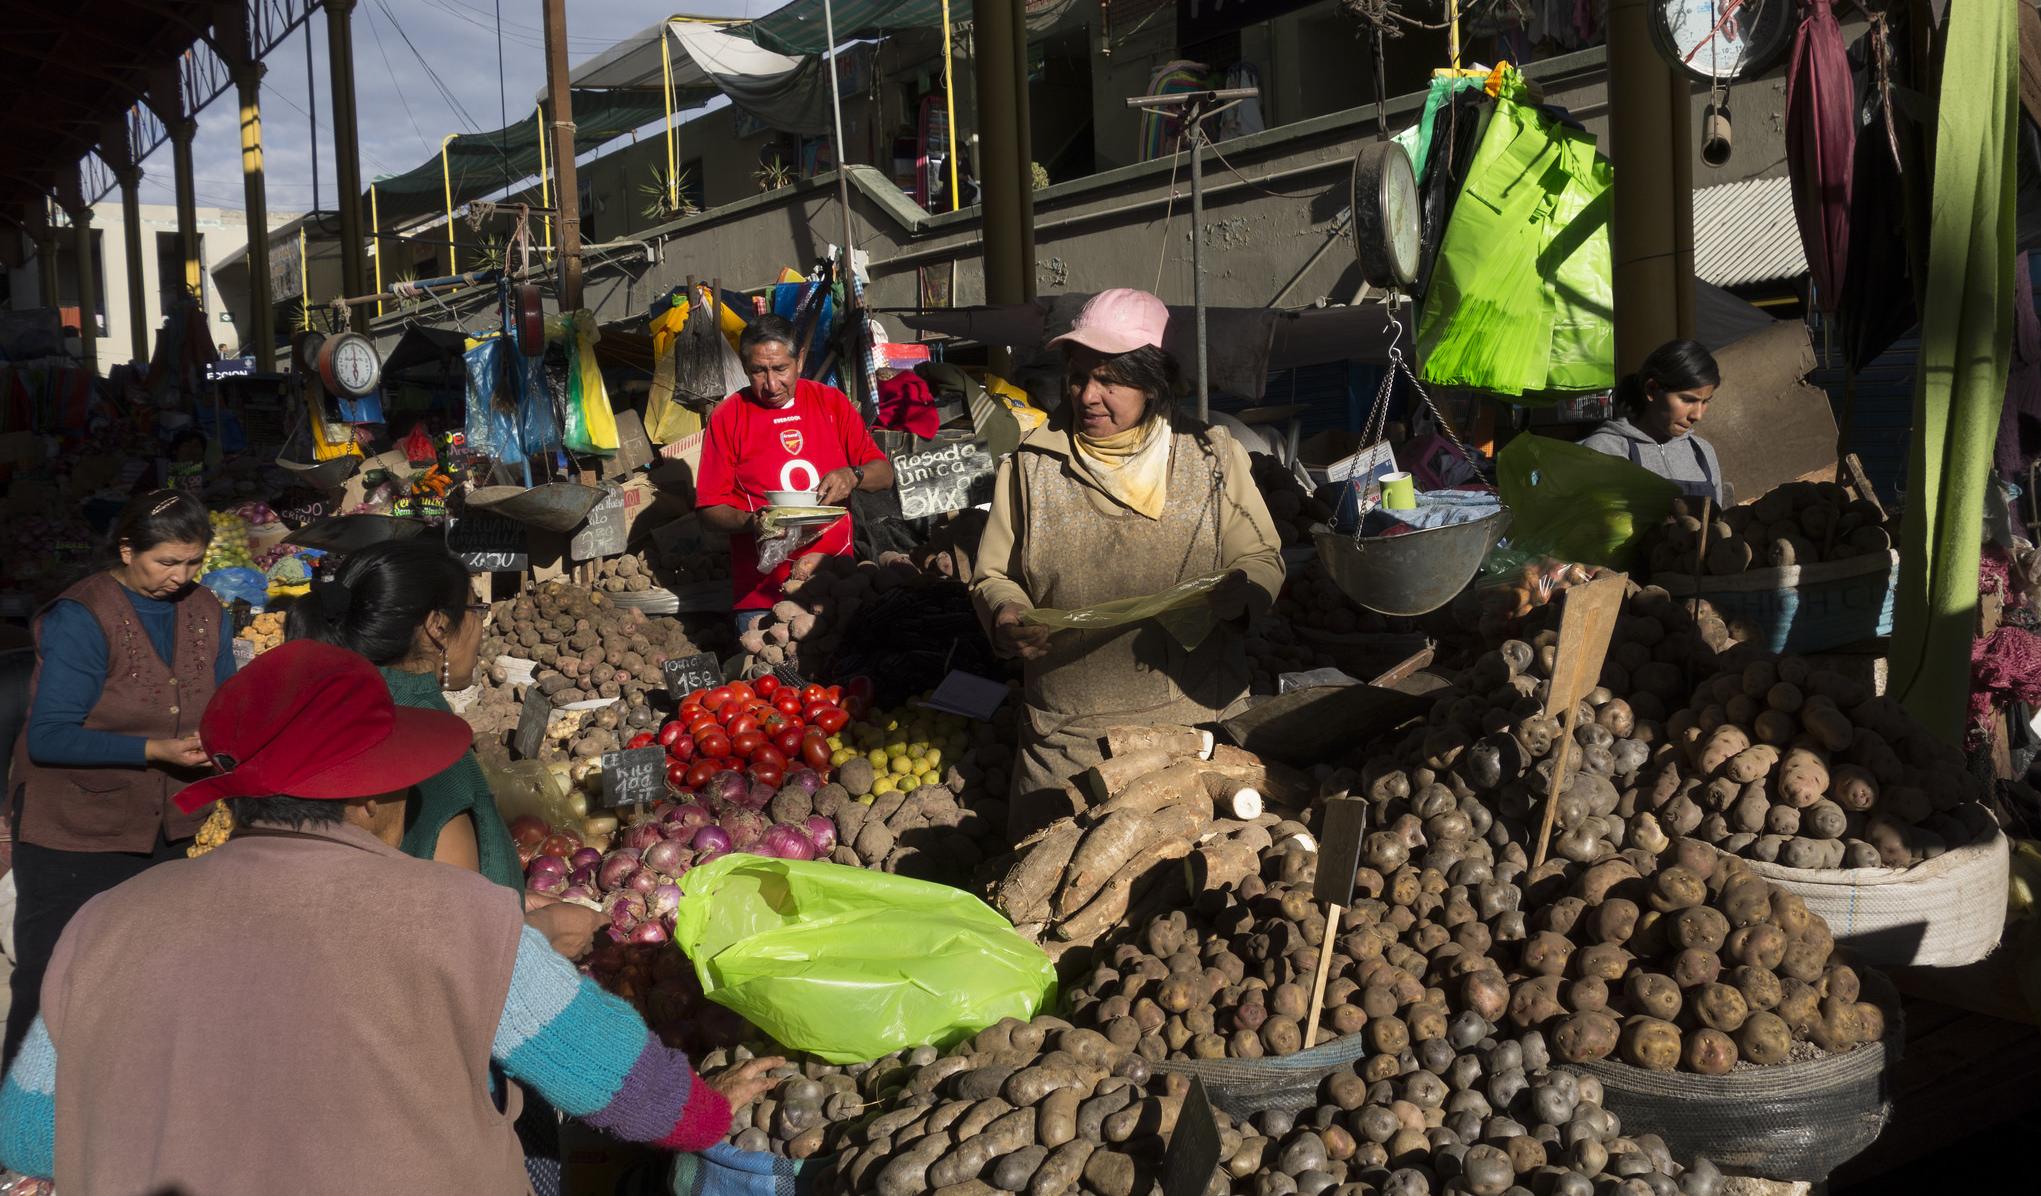 Potato vendors at San Camilo Market in Arequipa